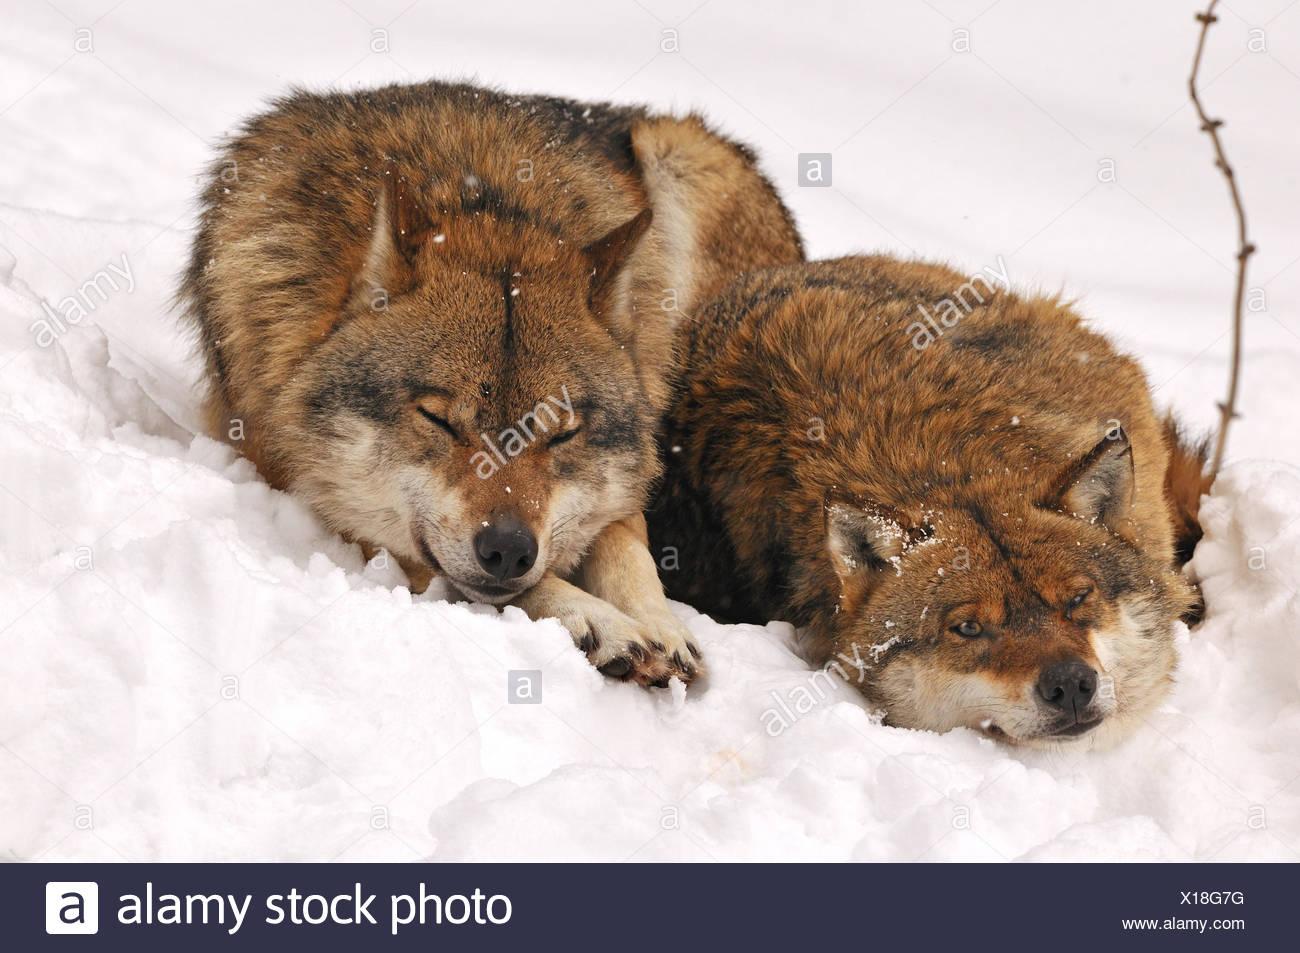 Canis lupus Loup européen les canidés loup gris Loup Loup prédateurs prédateur hiver neige froid frost animal animaux chien Germ Photo Stock